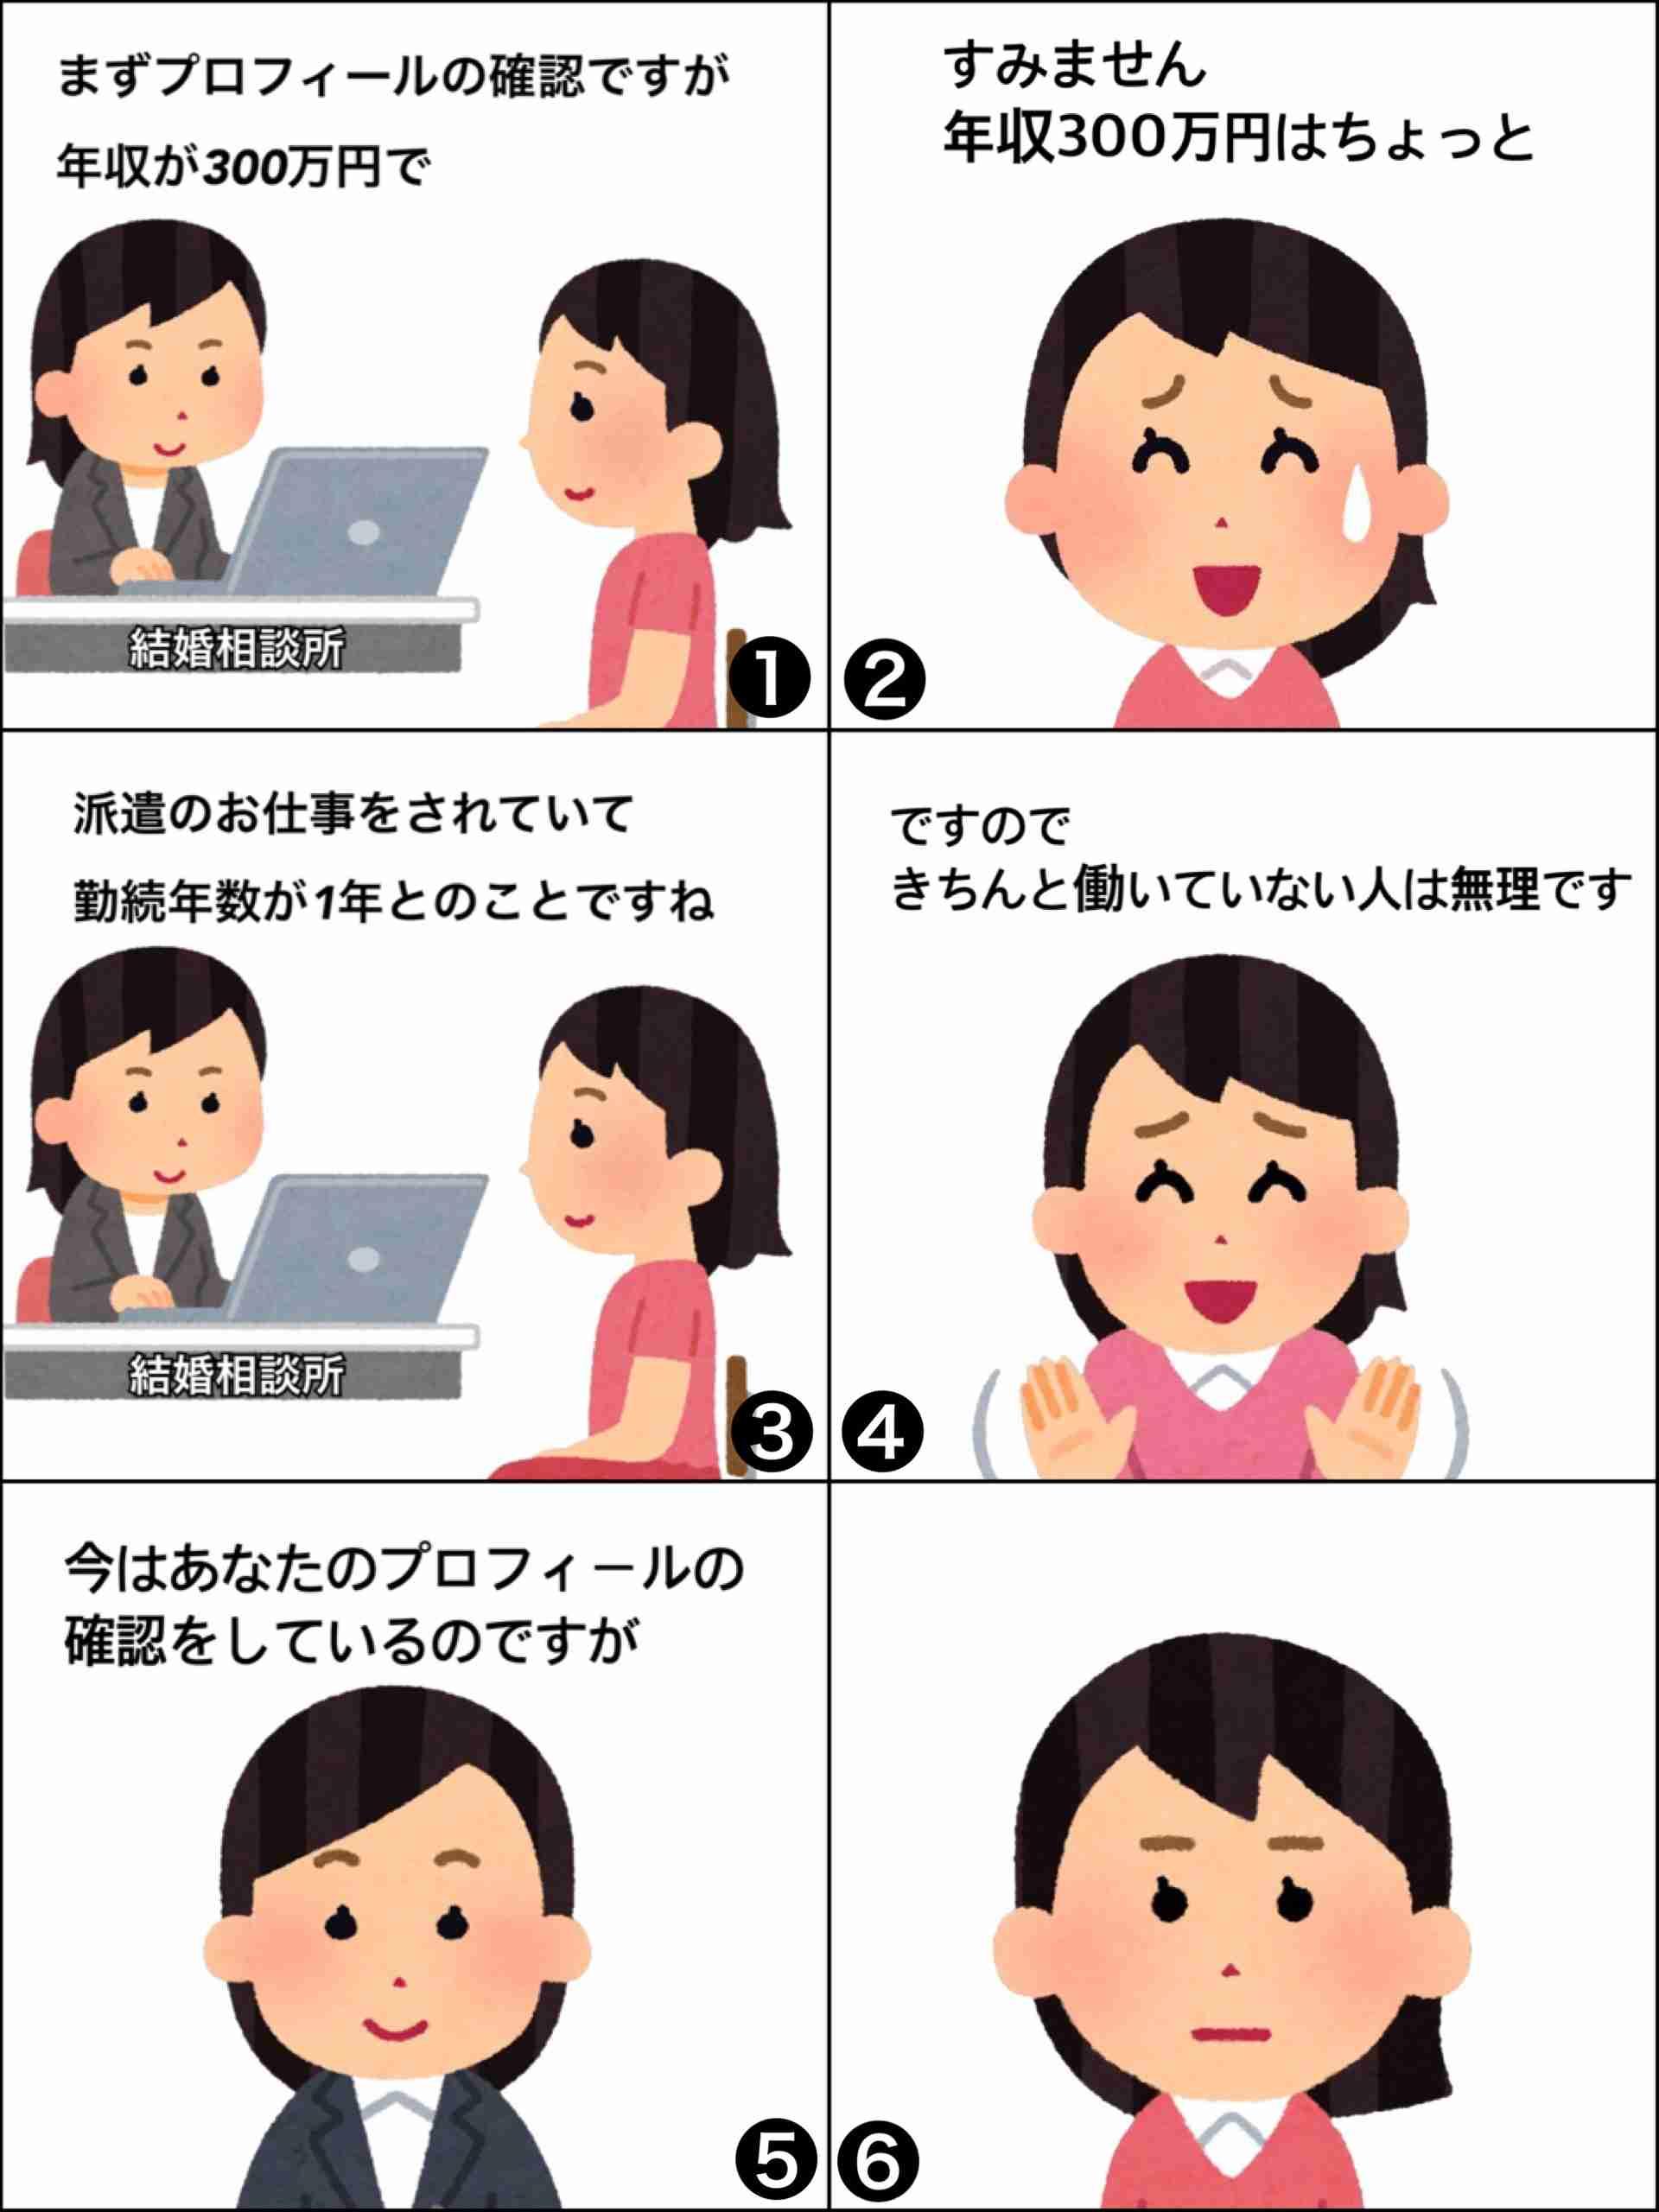 【お見合い】経験者による、これからする人へのアドバイス!!